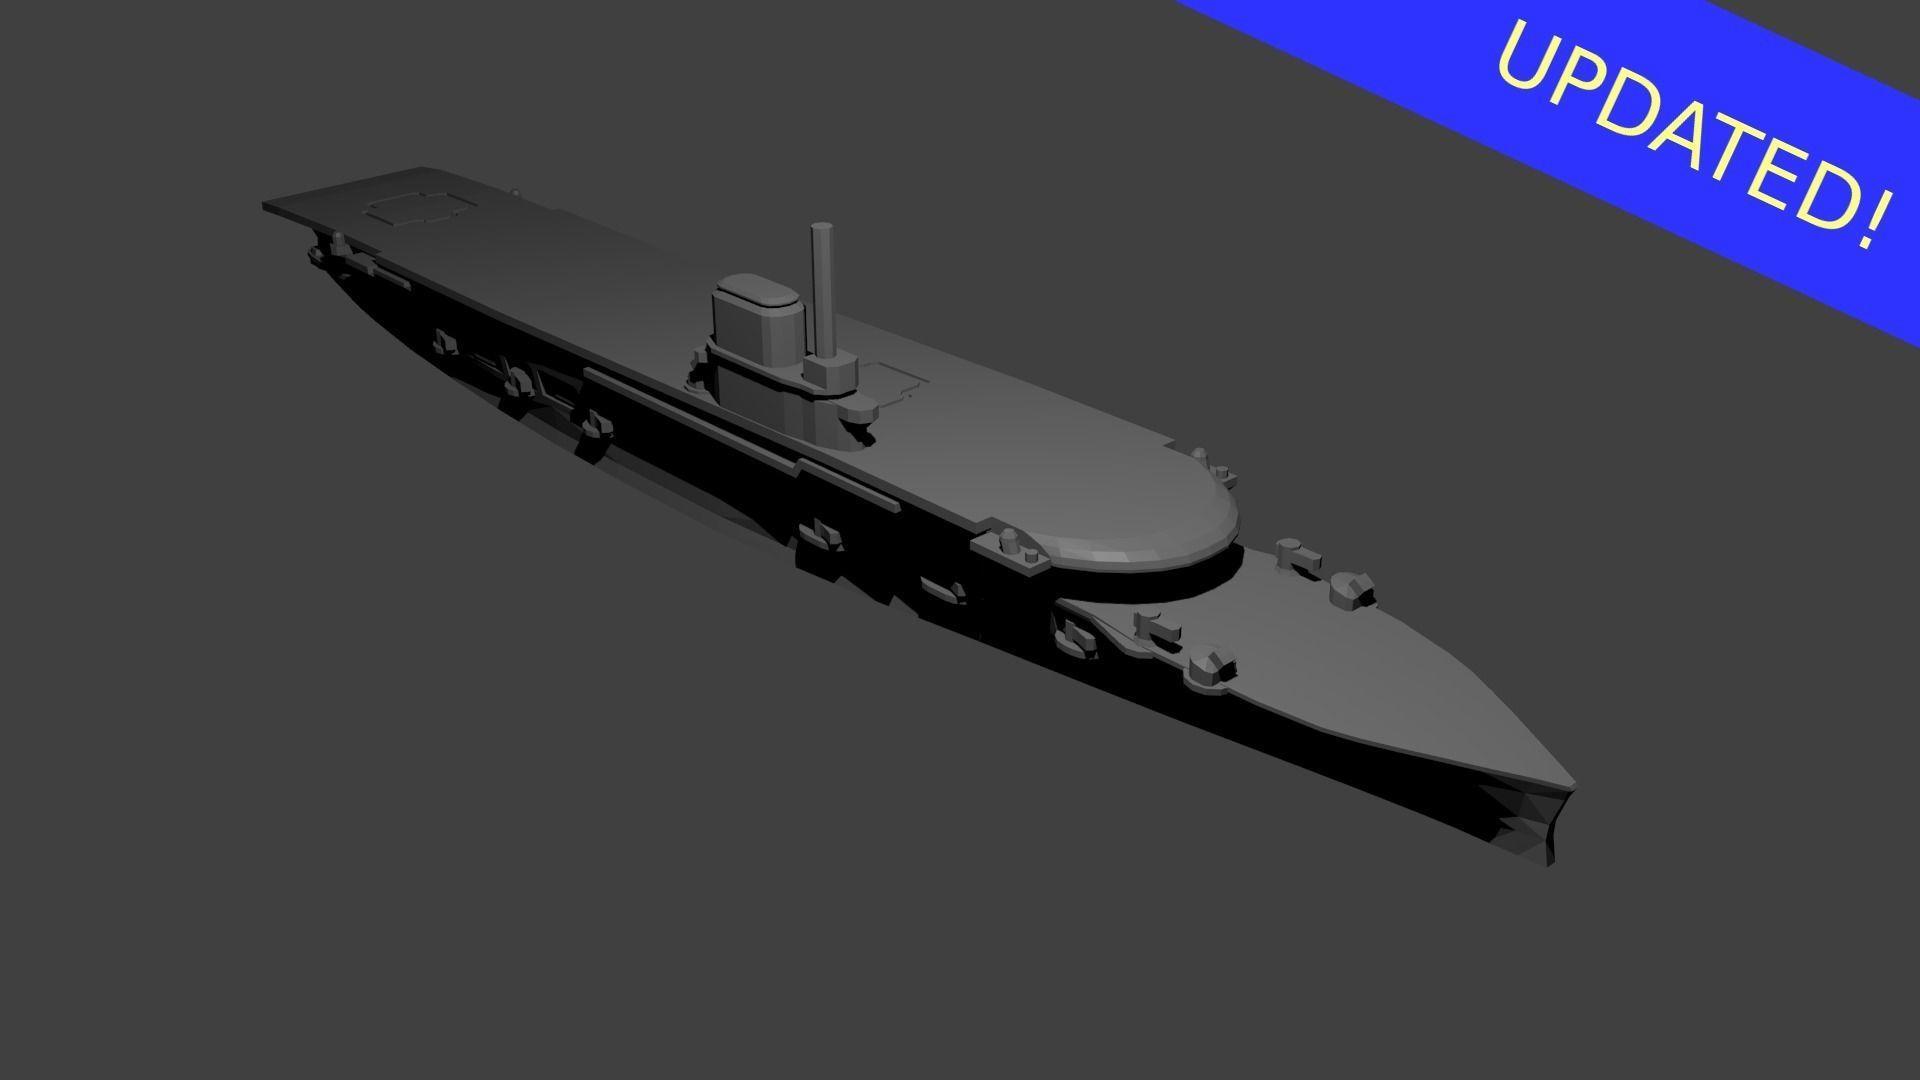 British Courageous Class Aircraft Carrier